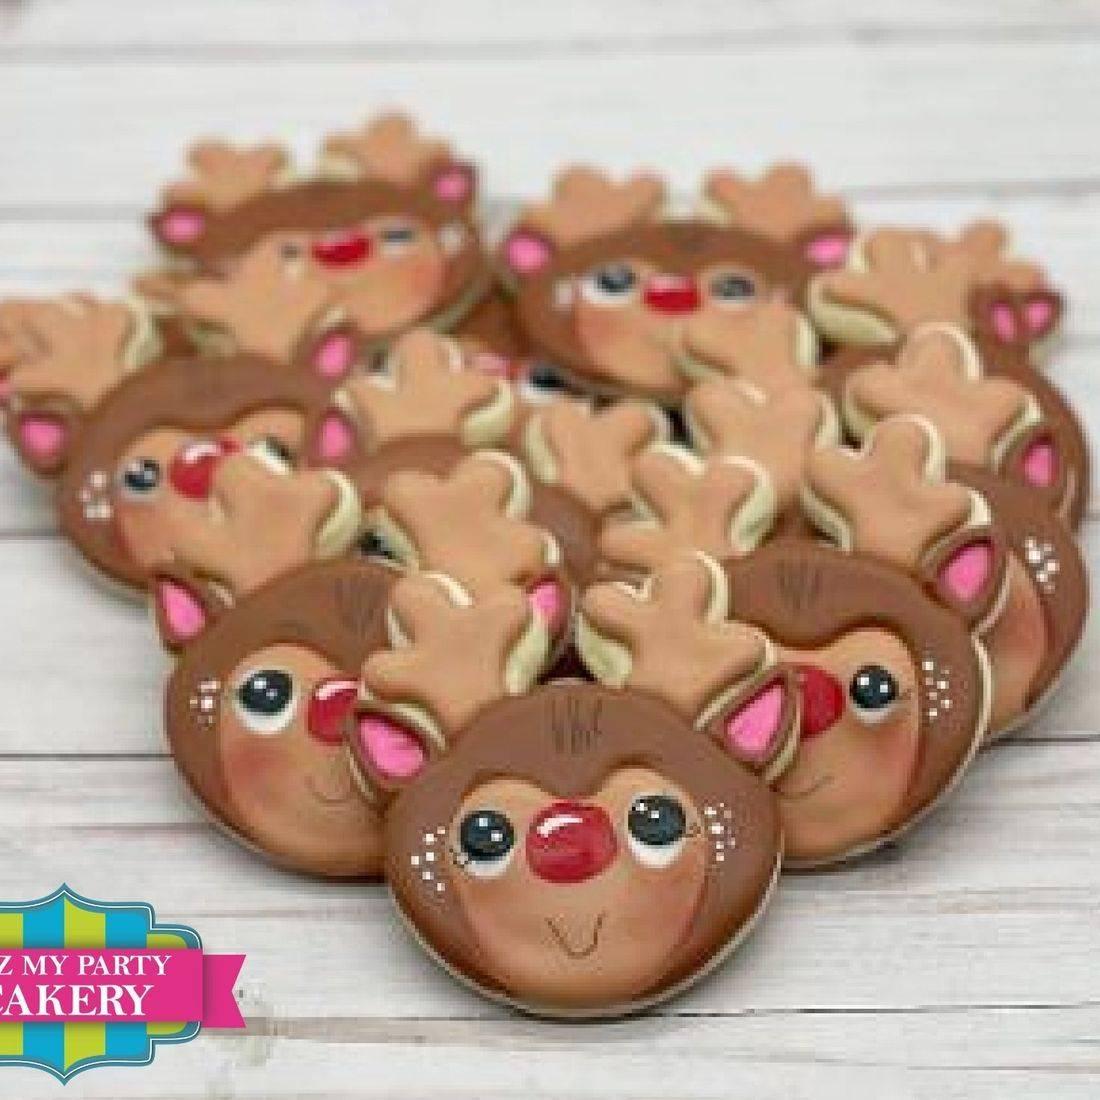 Reindeer Cookies, Rudolph Cookies, Holiday Cookies, Christmas Cookies, Itz My Party Cakery